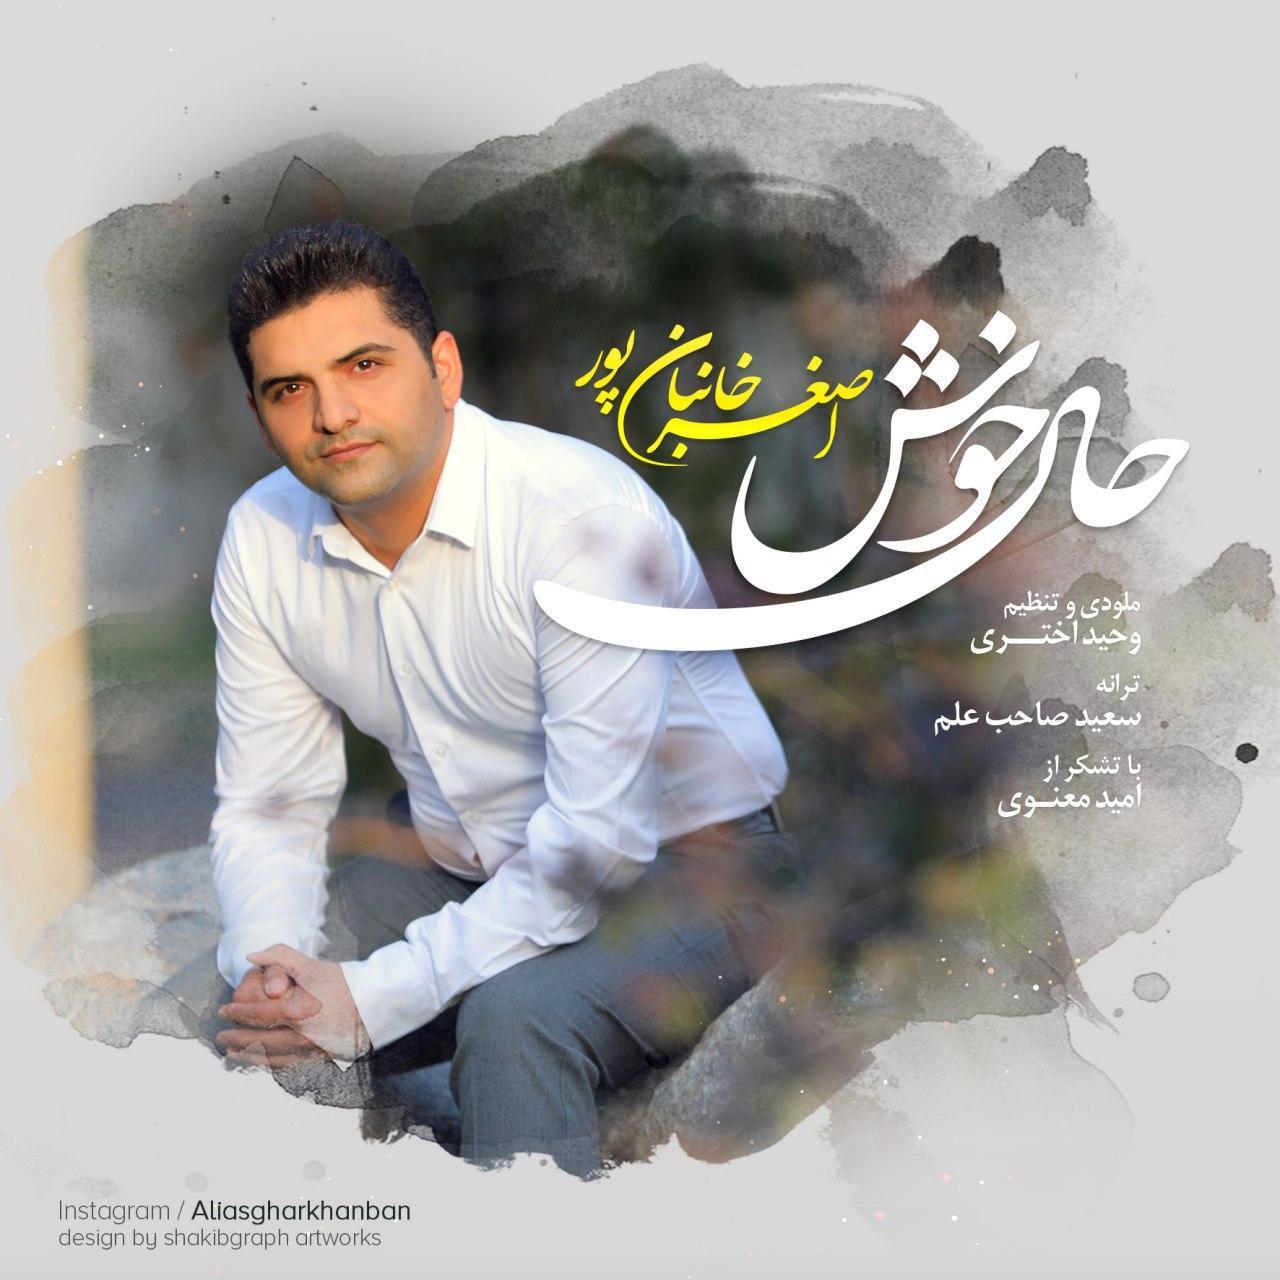 Asghar Khanbanpour – Hale Khosh